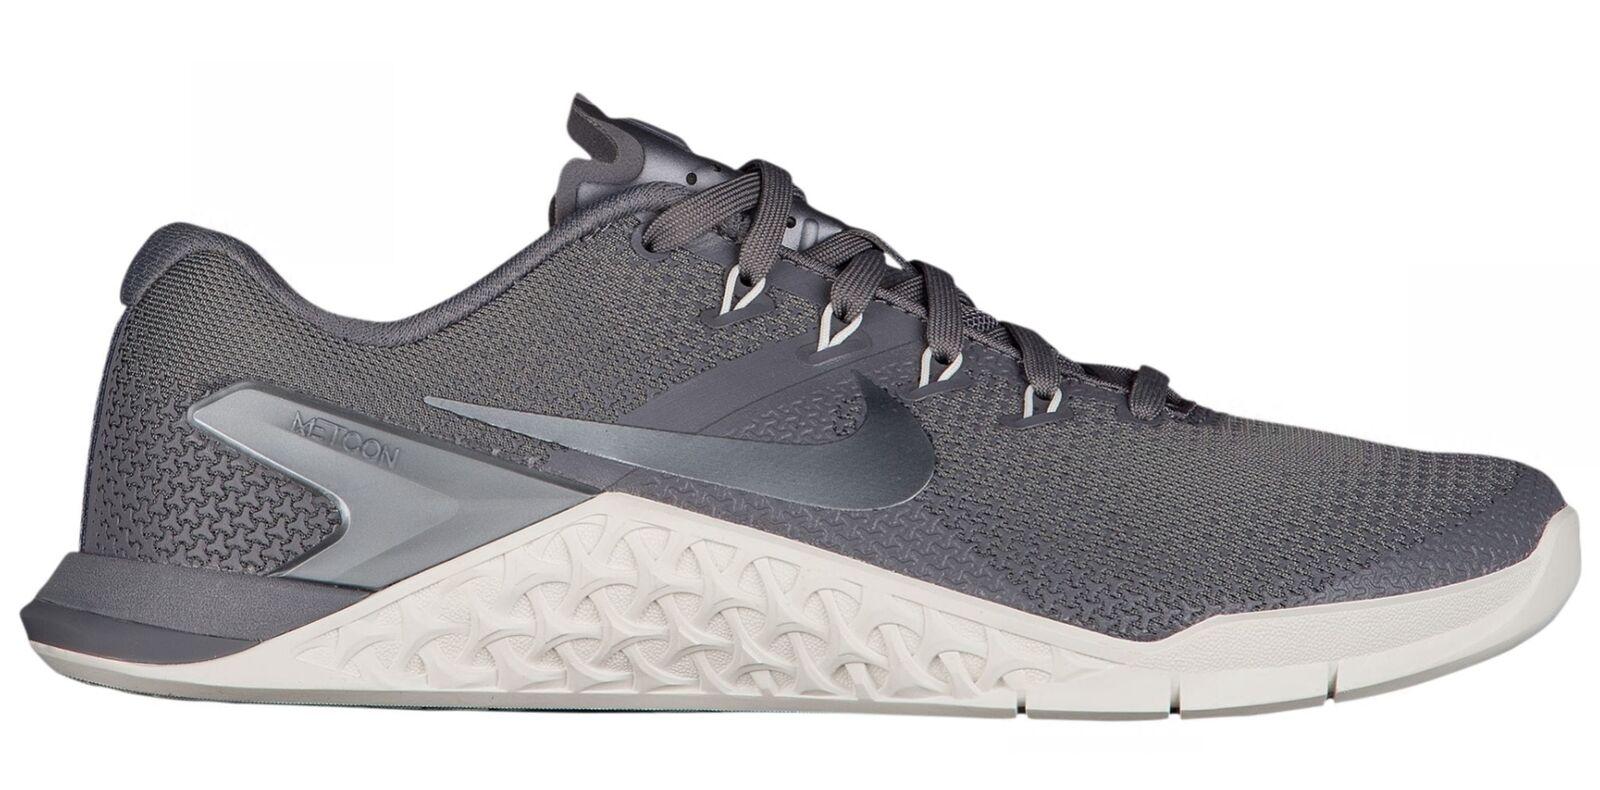 561a90ffd42d4b Nike Metcon 4 Womens 924593-002 Gunsmoke Grey Cross Training shoes Size 9